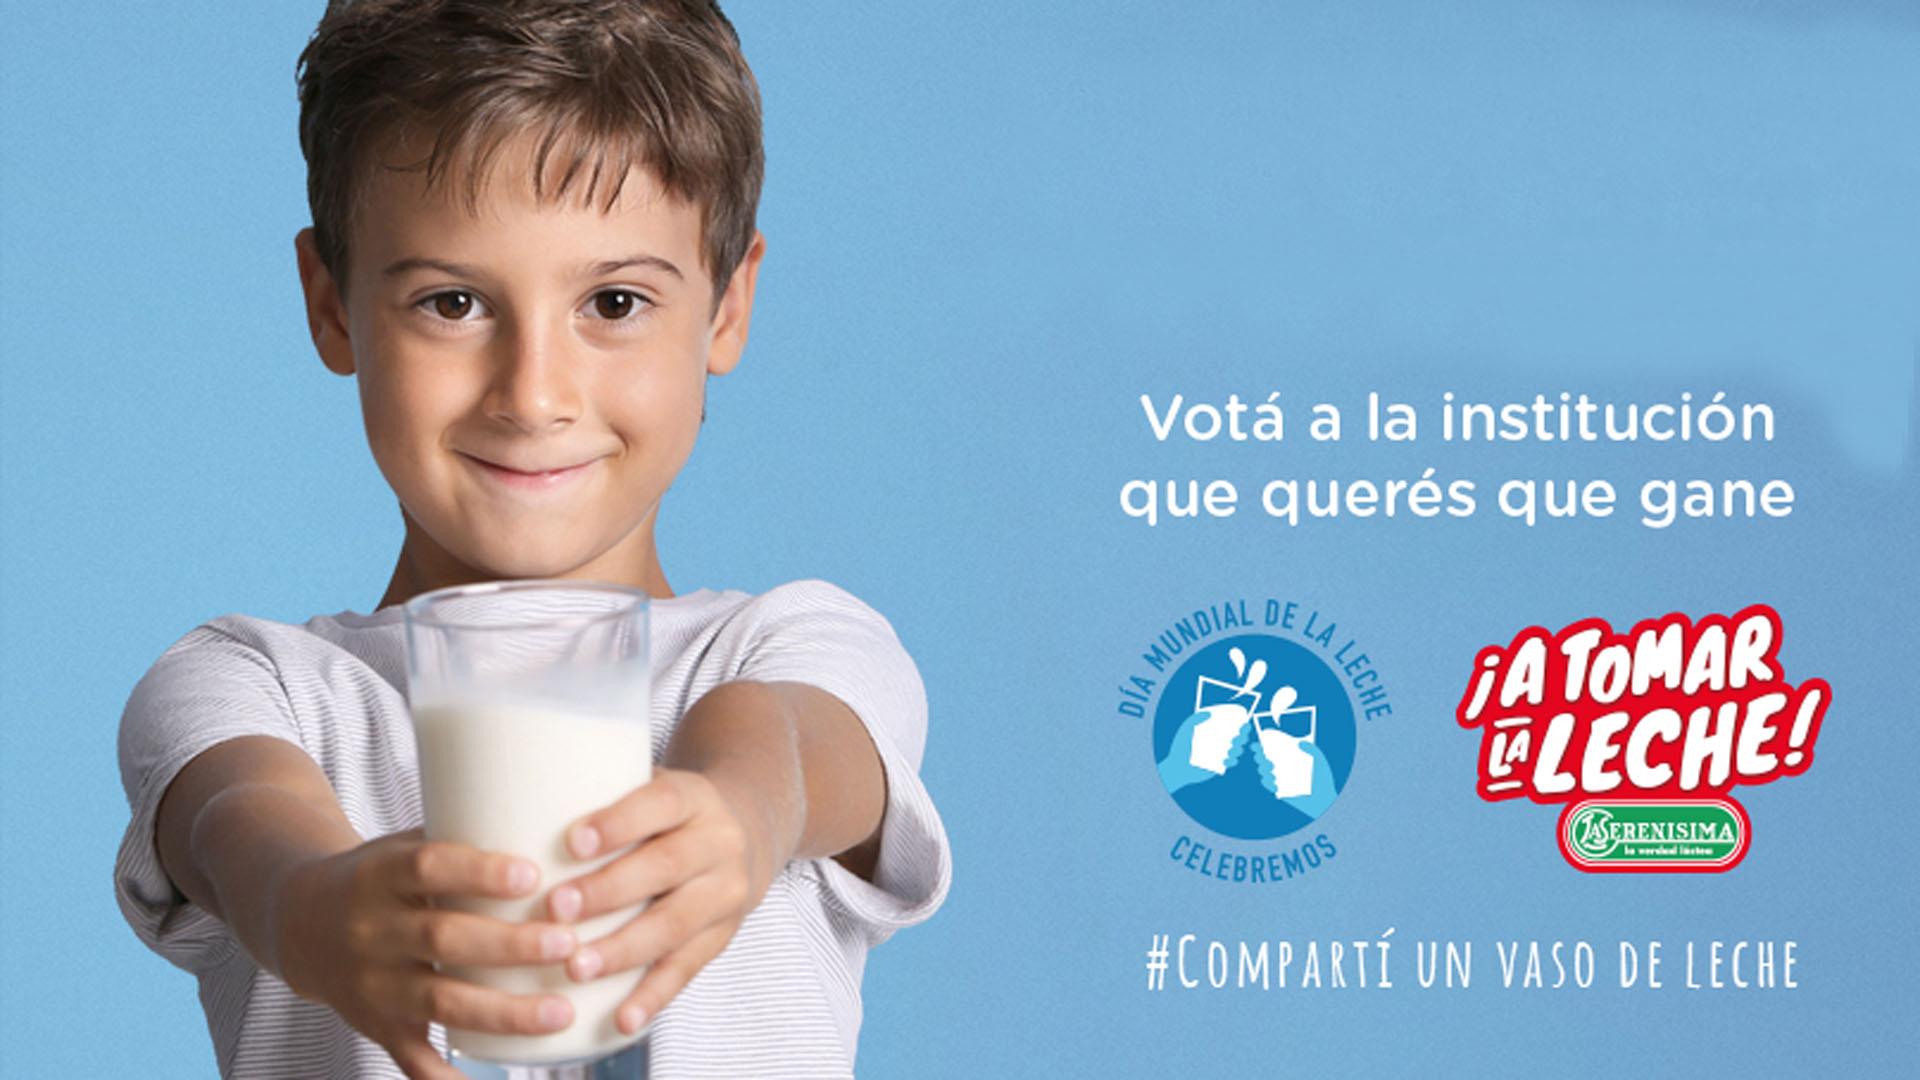 Campaña solidaria promovida por La Serenísima